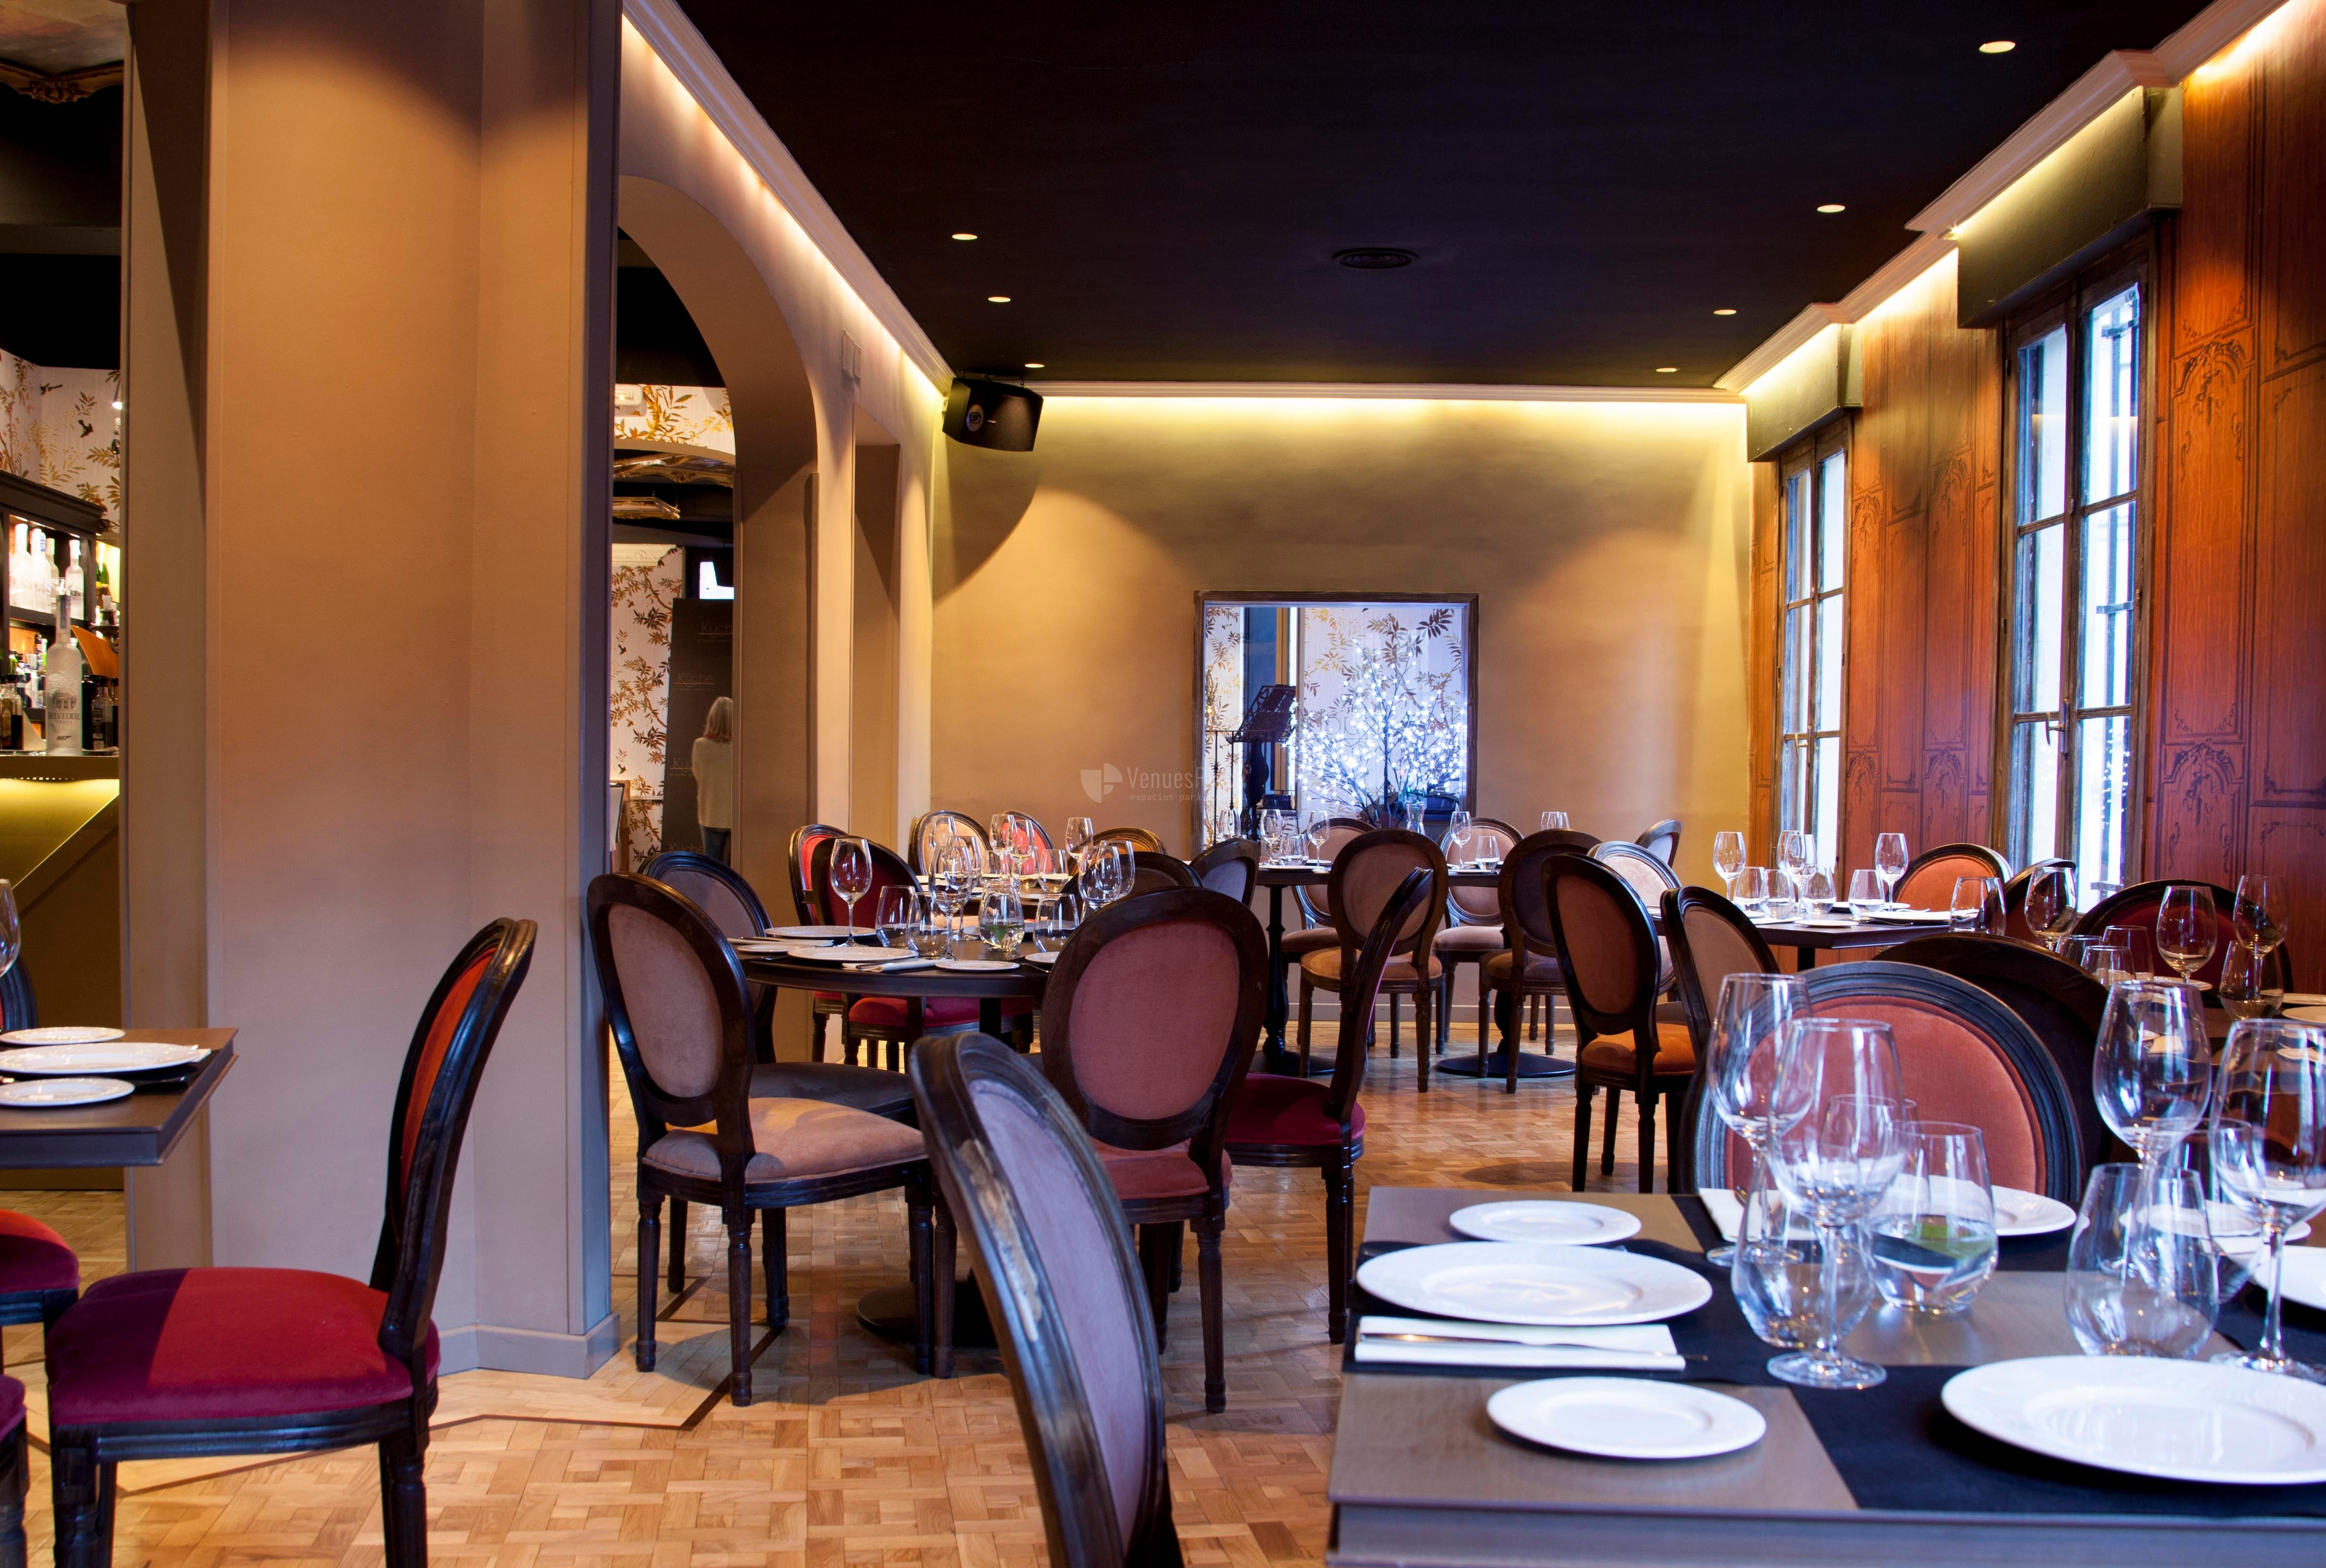 Sala Princesa Comidas y cenas de empresa, celebraciones familiares en el Restaurante Küche